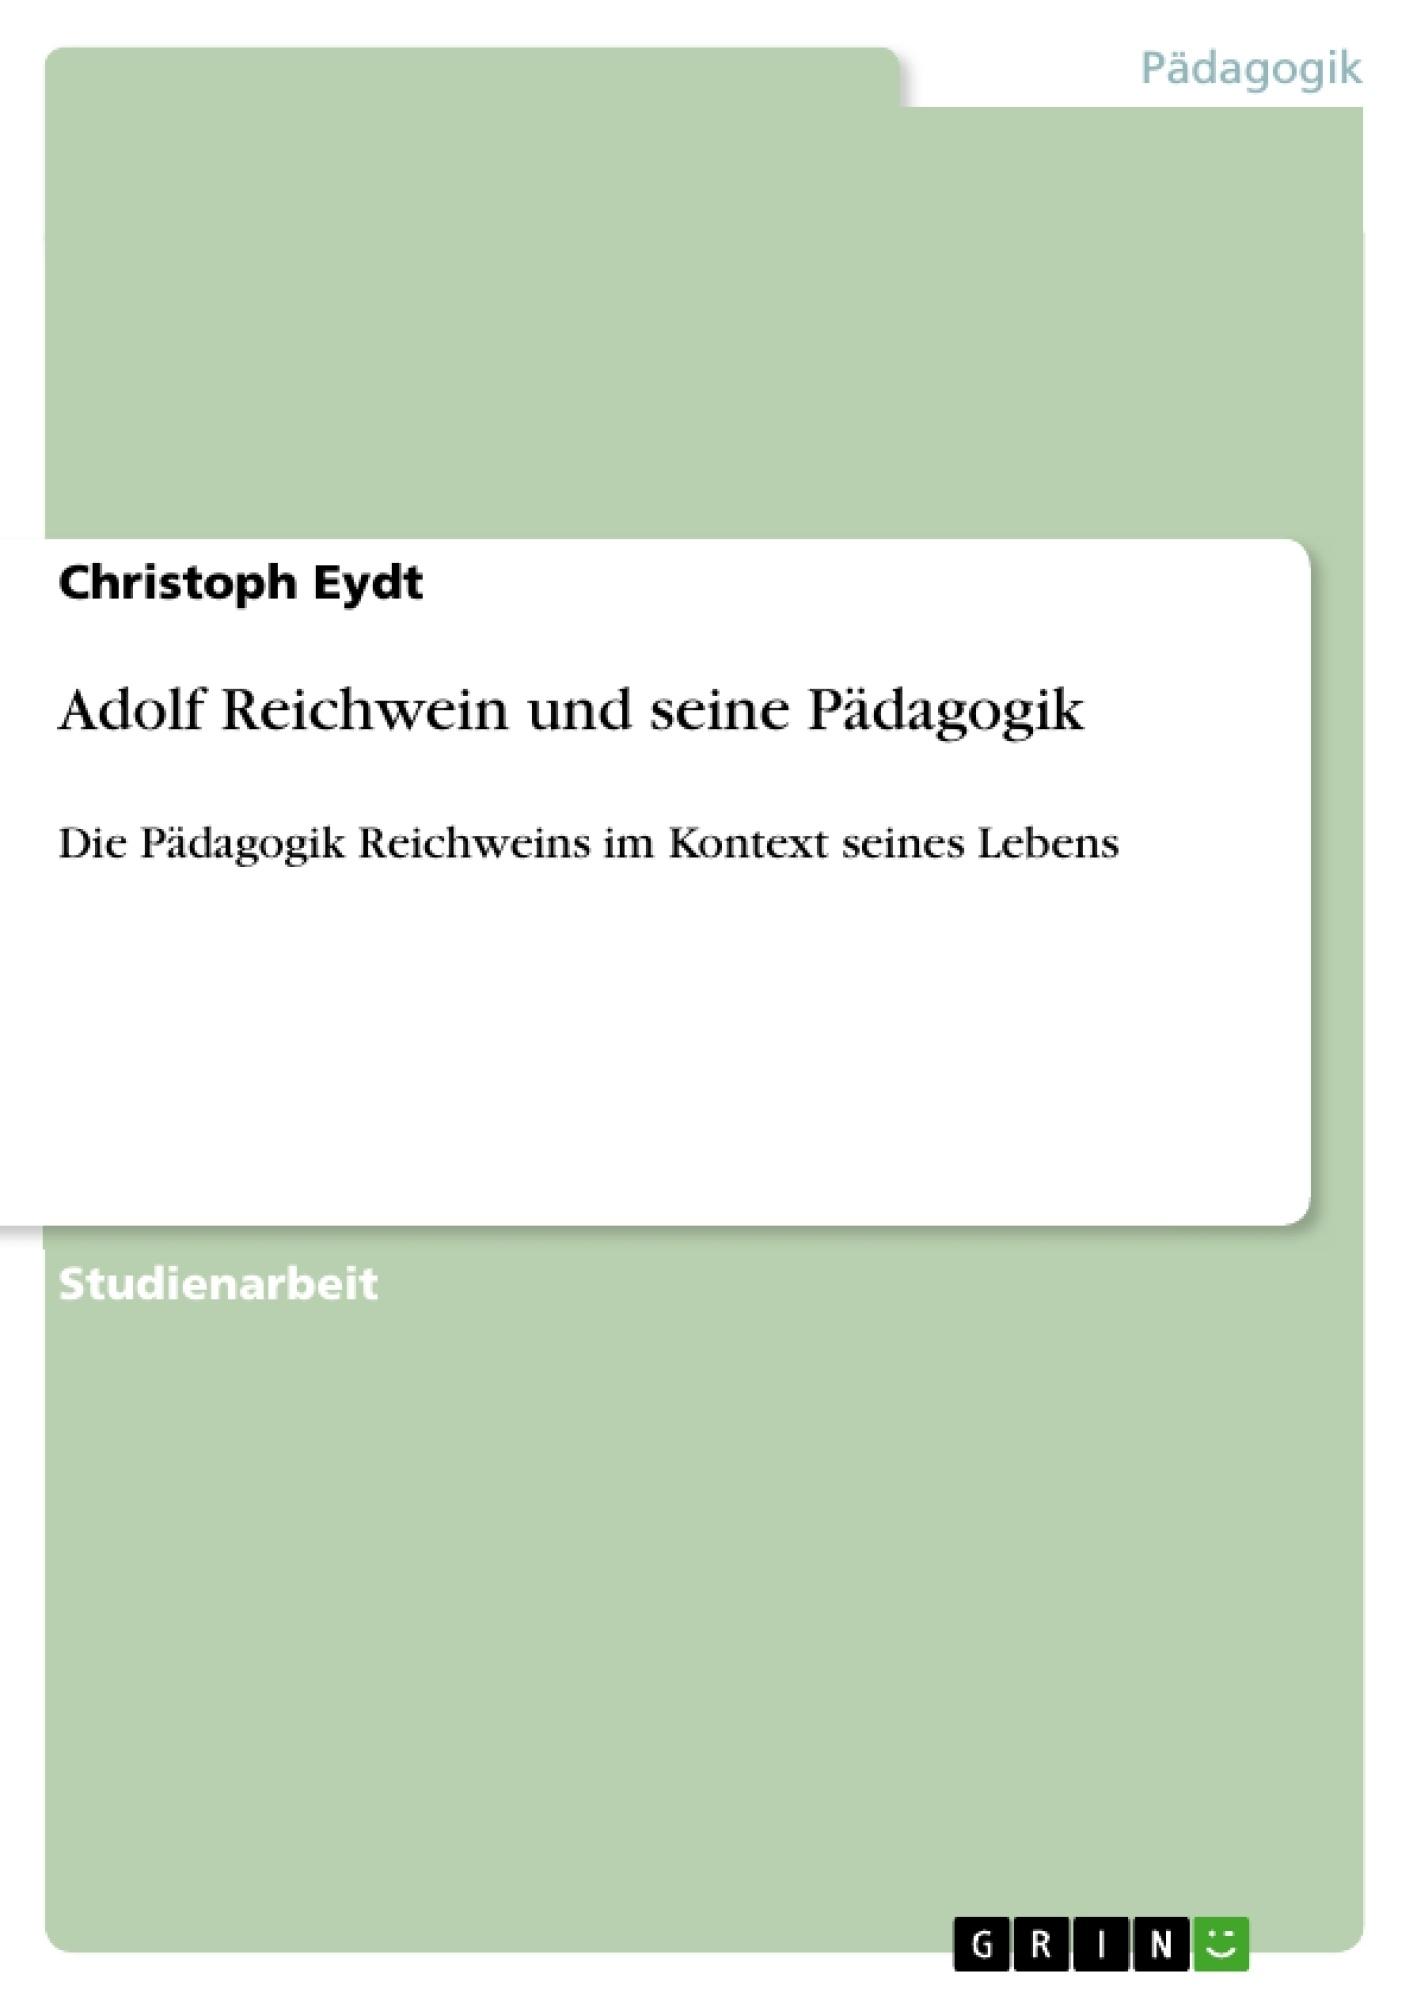 Titel: Adolf Reichwein und seine Pädagogik